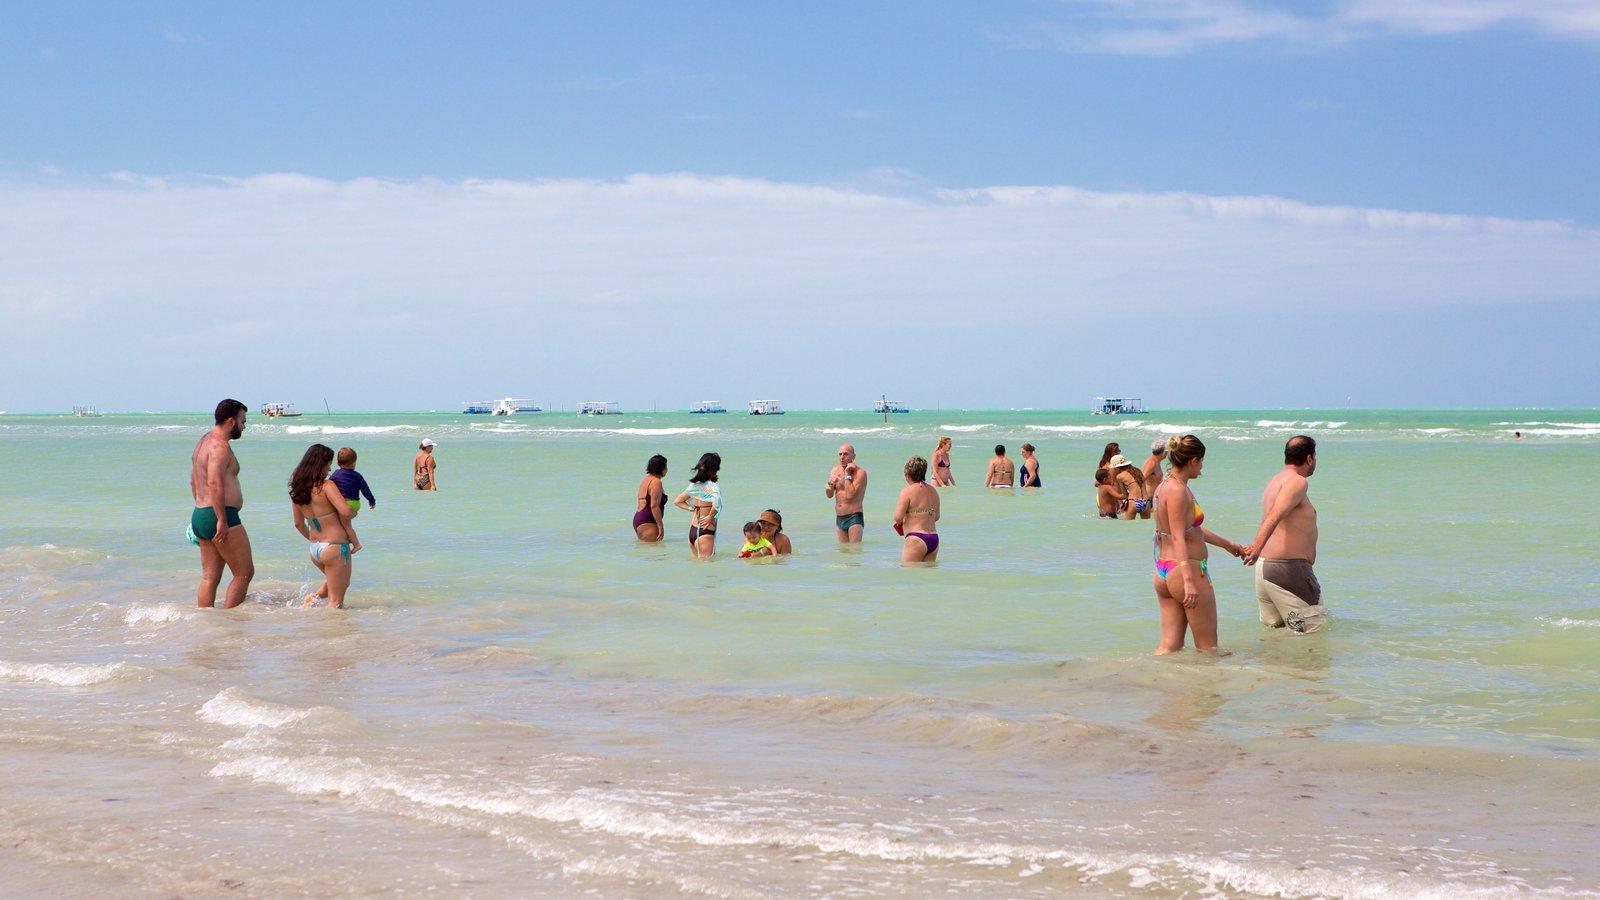 Praia de Paripueira caracterizando paisagens litorâneas, uma praia de areia e natação